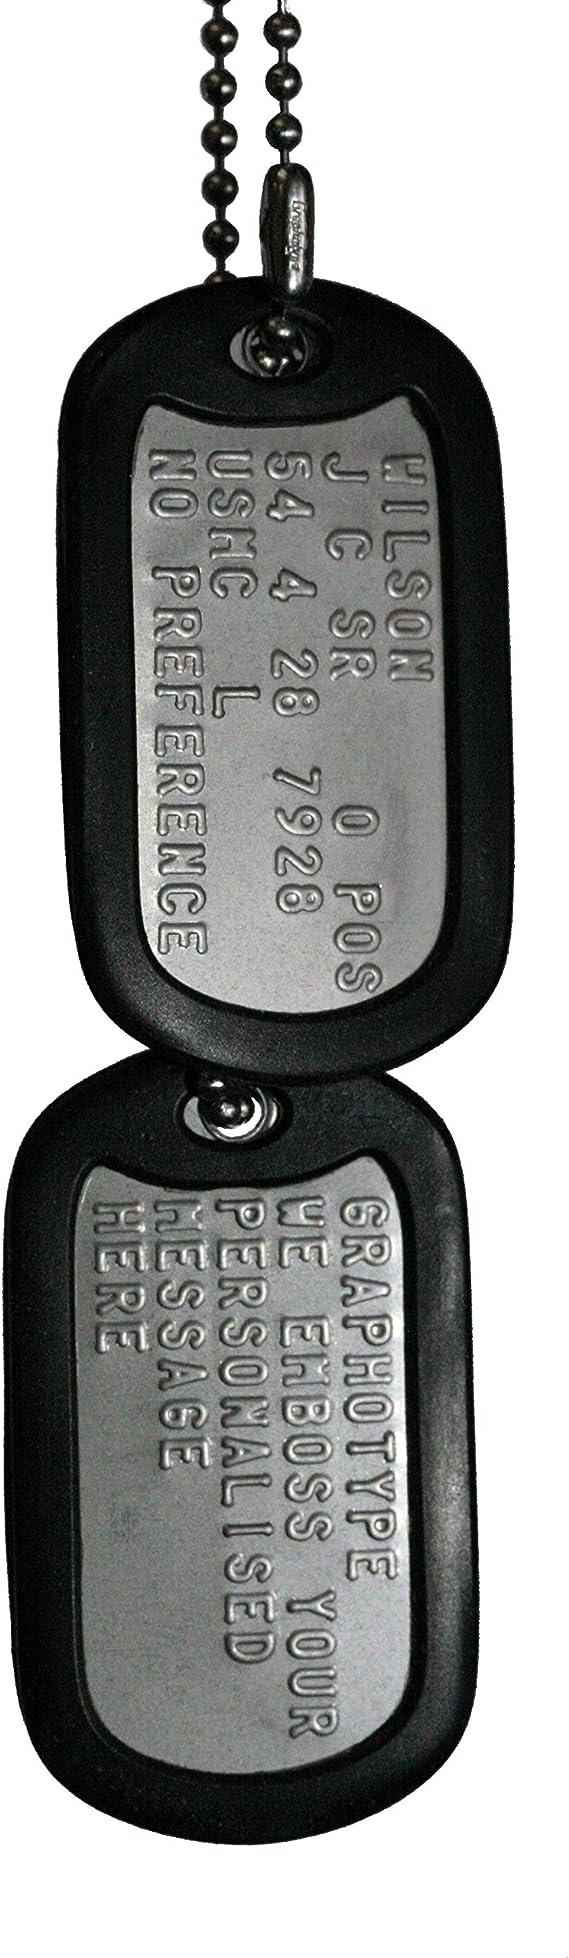 Graphotype™ Chapa Militar: Juego de 2 chapas de identificación Tipo Militar, con Cadenas de Bolas y silenciadores. (Leer la descripción para Ver cómo personalizarlas): Amazon.es: Juguetes y juegos